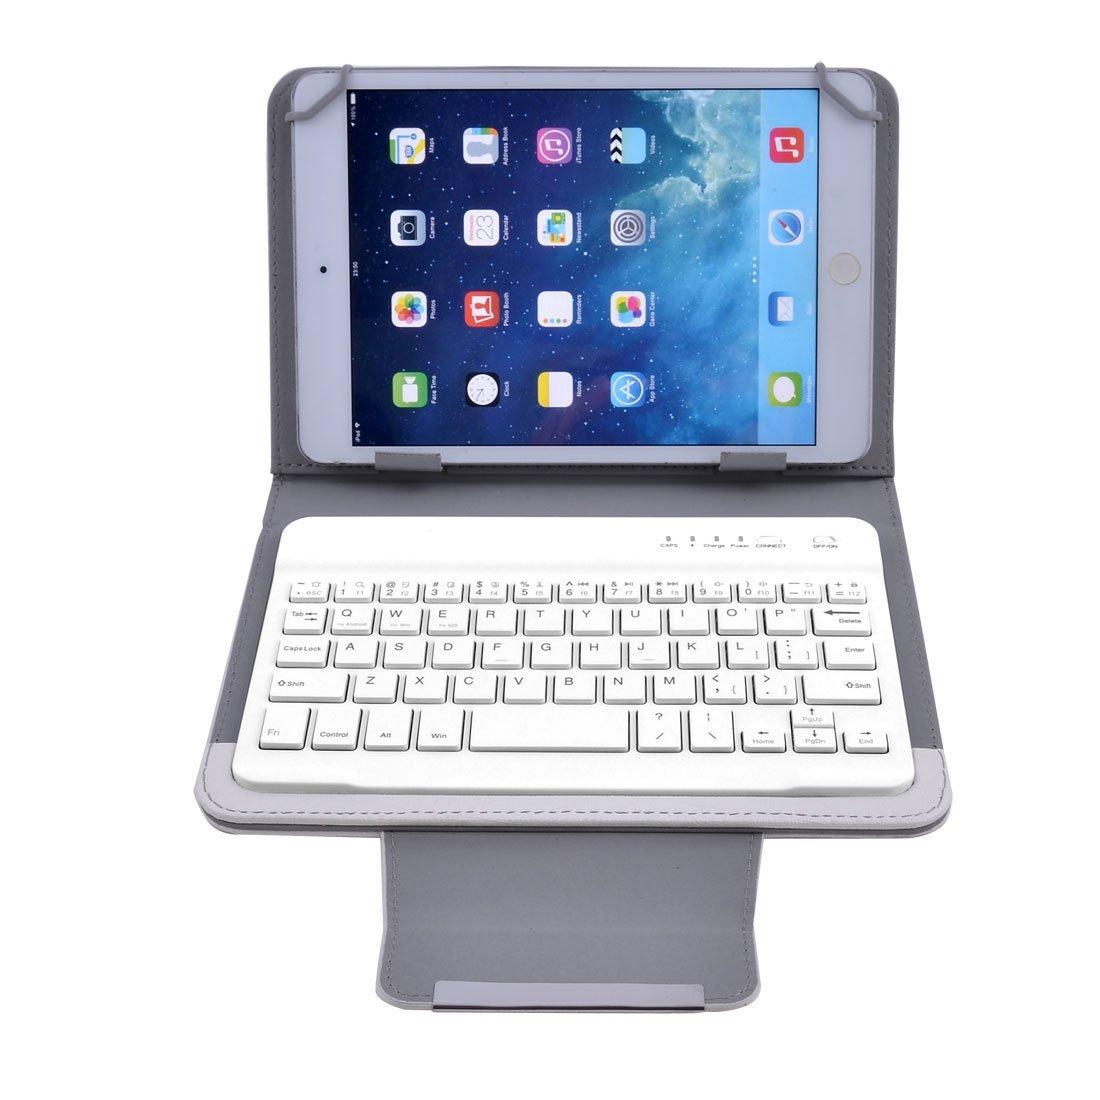 Amazon.com: DealMux PU PC Leather Bluetooth destacável sem fio de couro Keyboard Cover Branco w Suporte para 7 polegadas 8 polegadas Tablet: Electronics